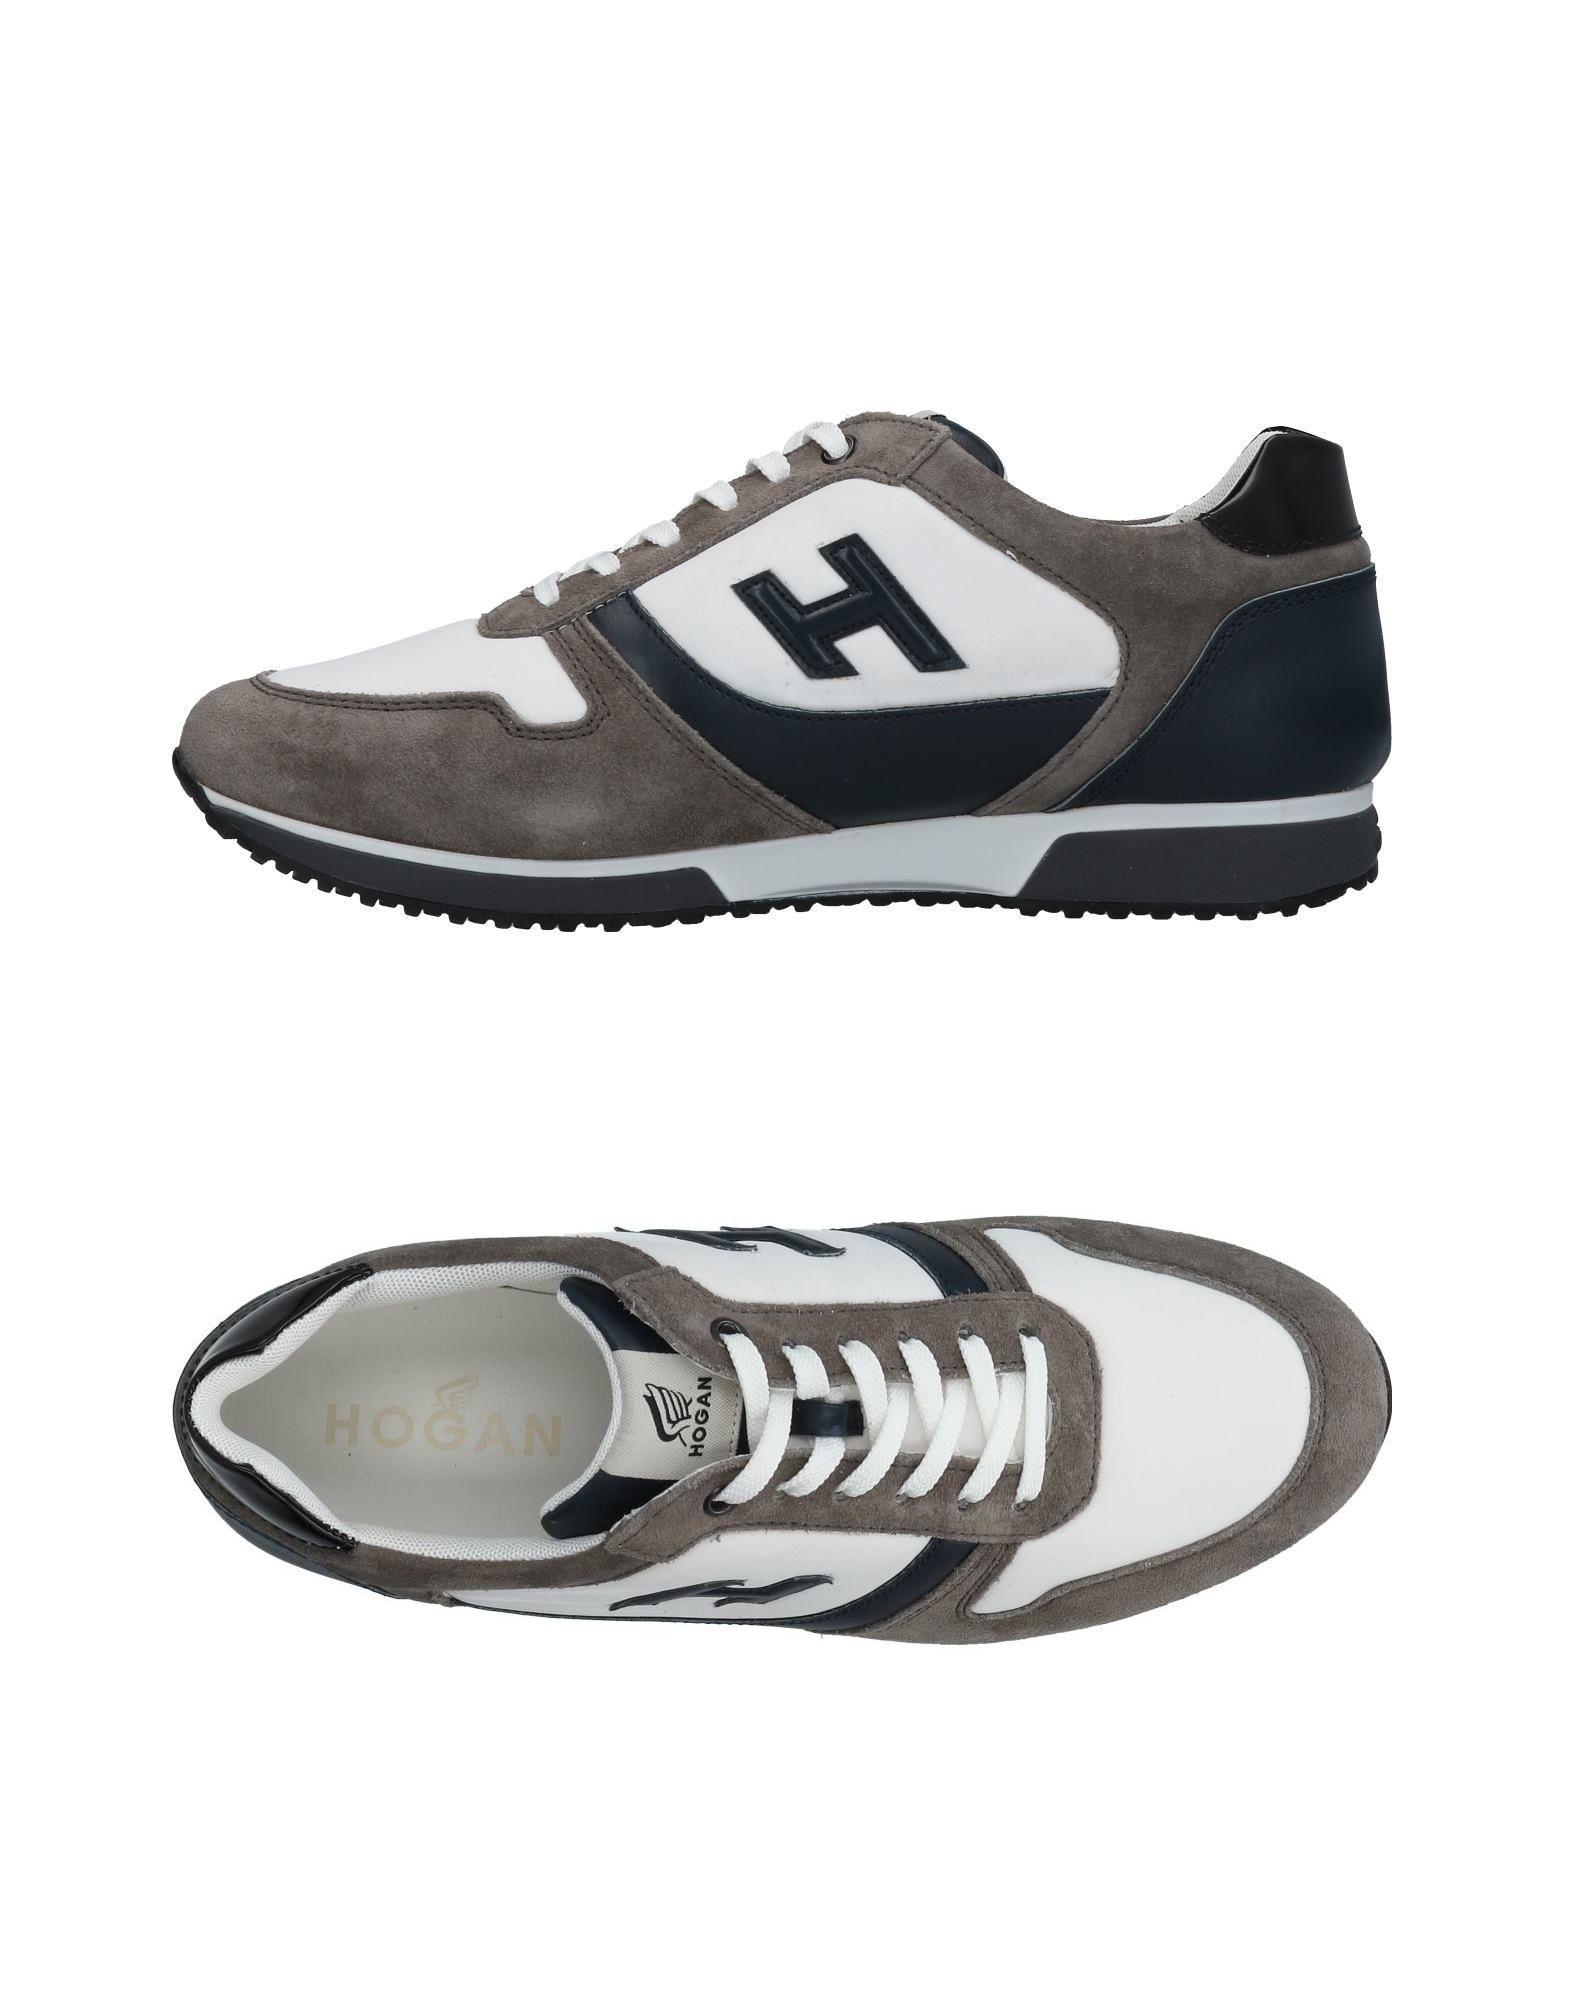 Hogan Sneakers Herren  11439410AG Gute Qualität beliebte Schuhe